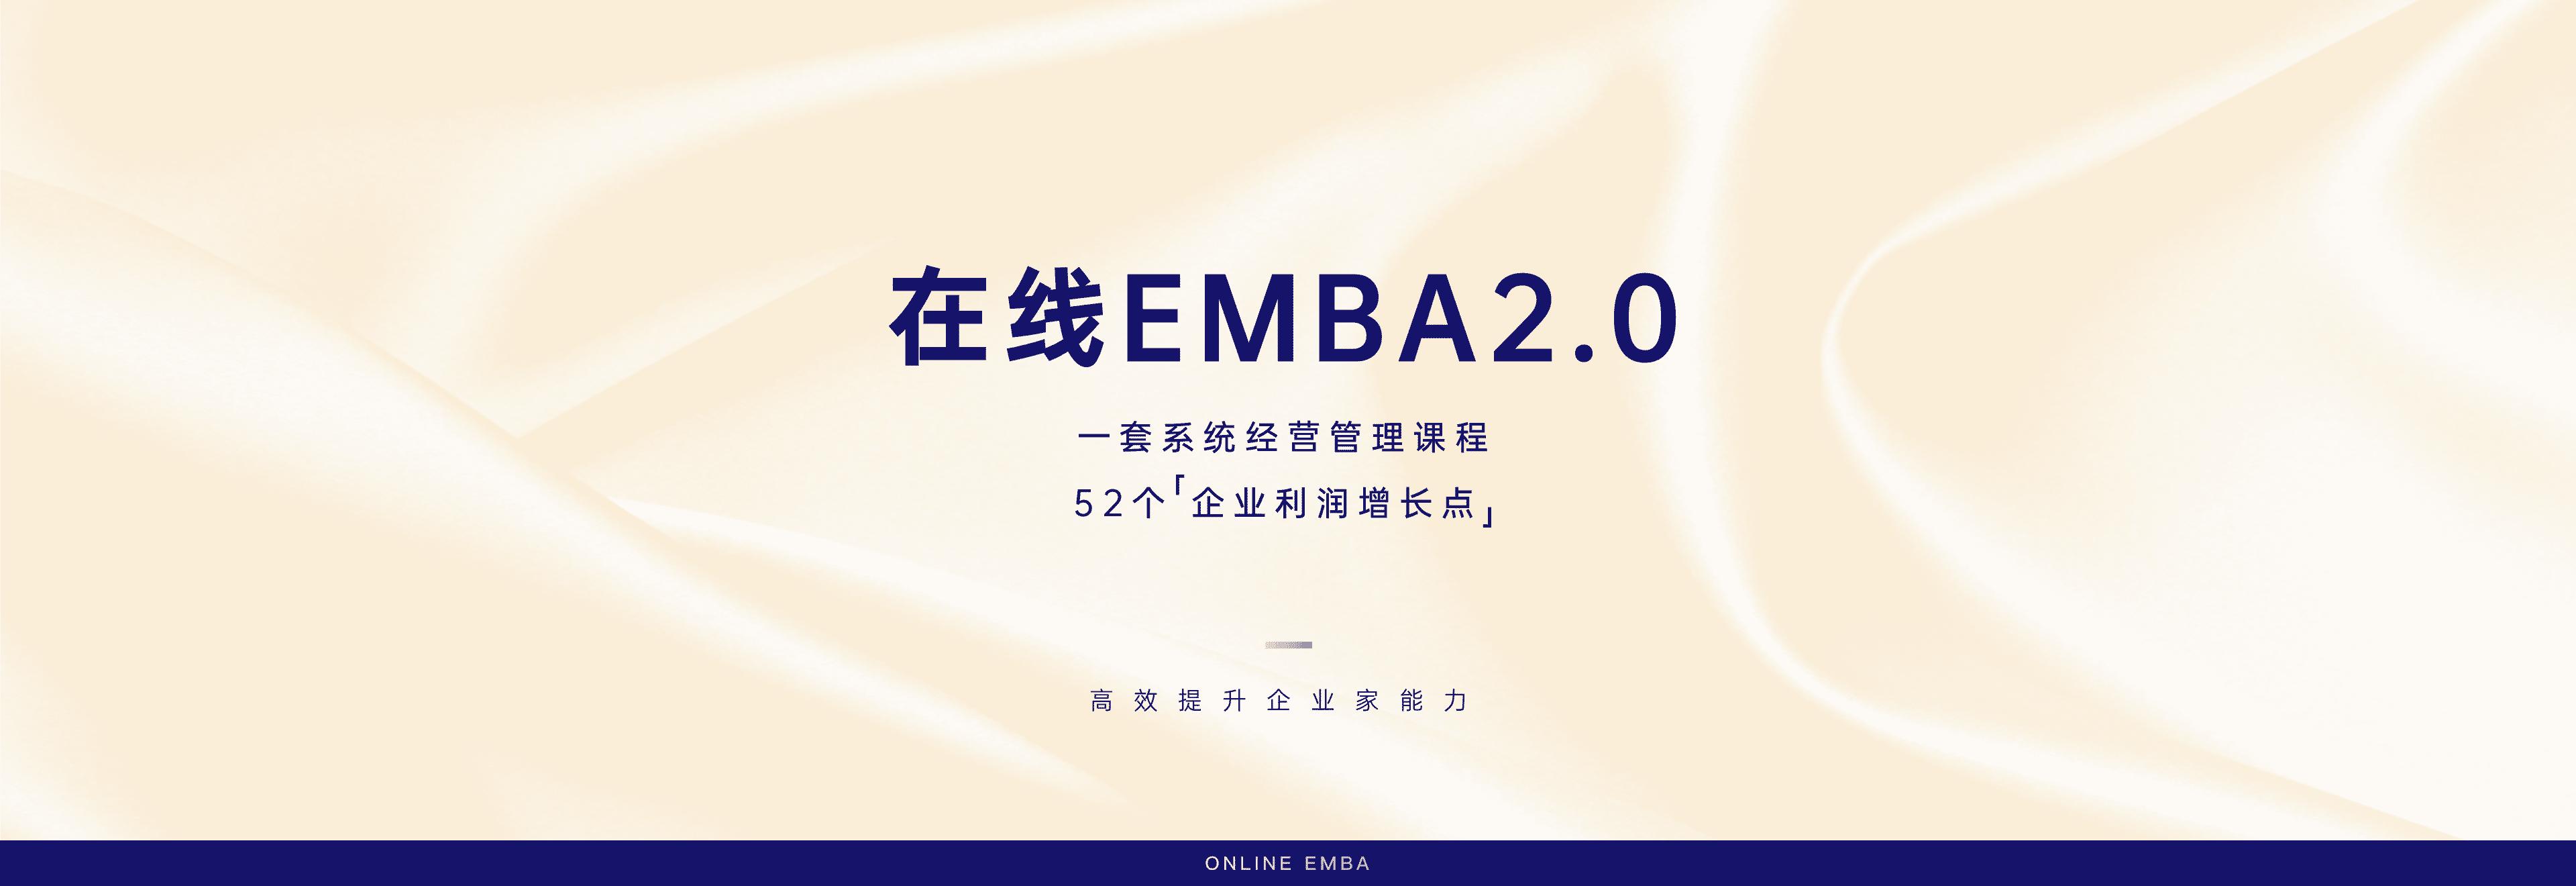 商学院emba